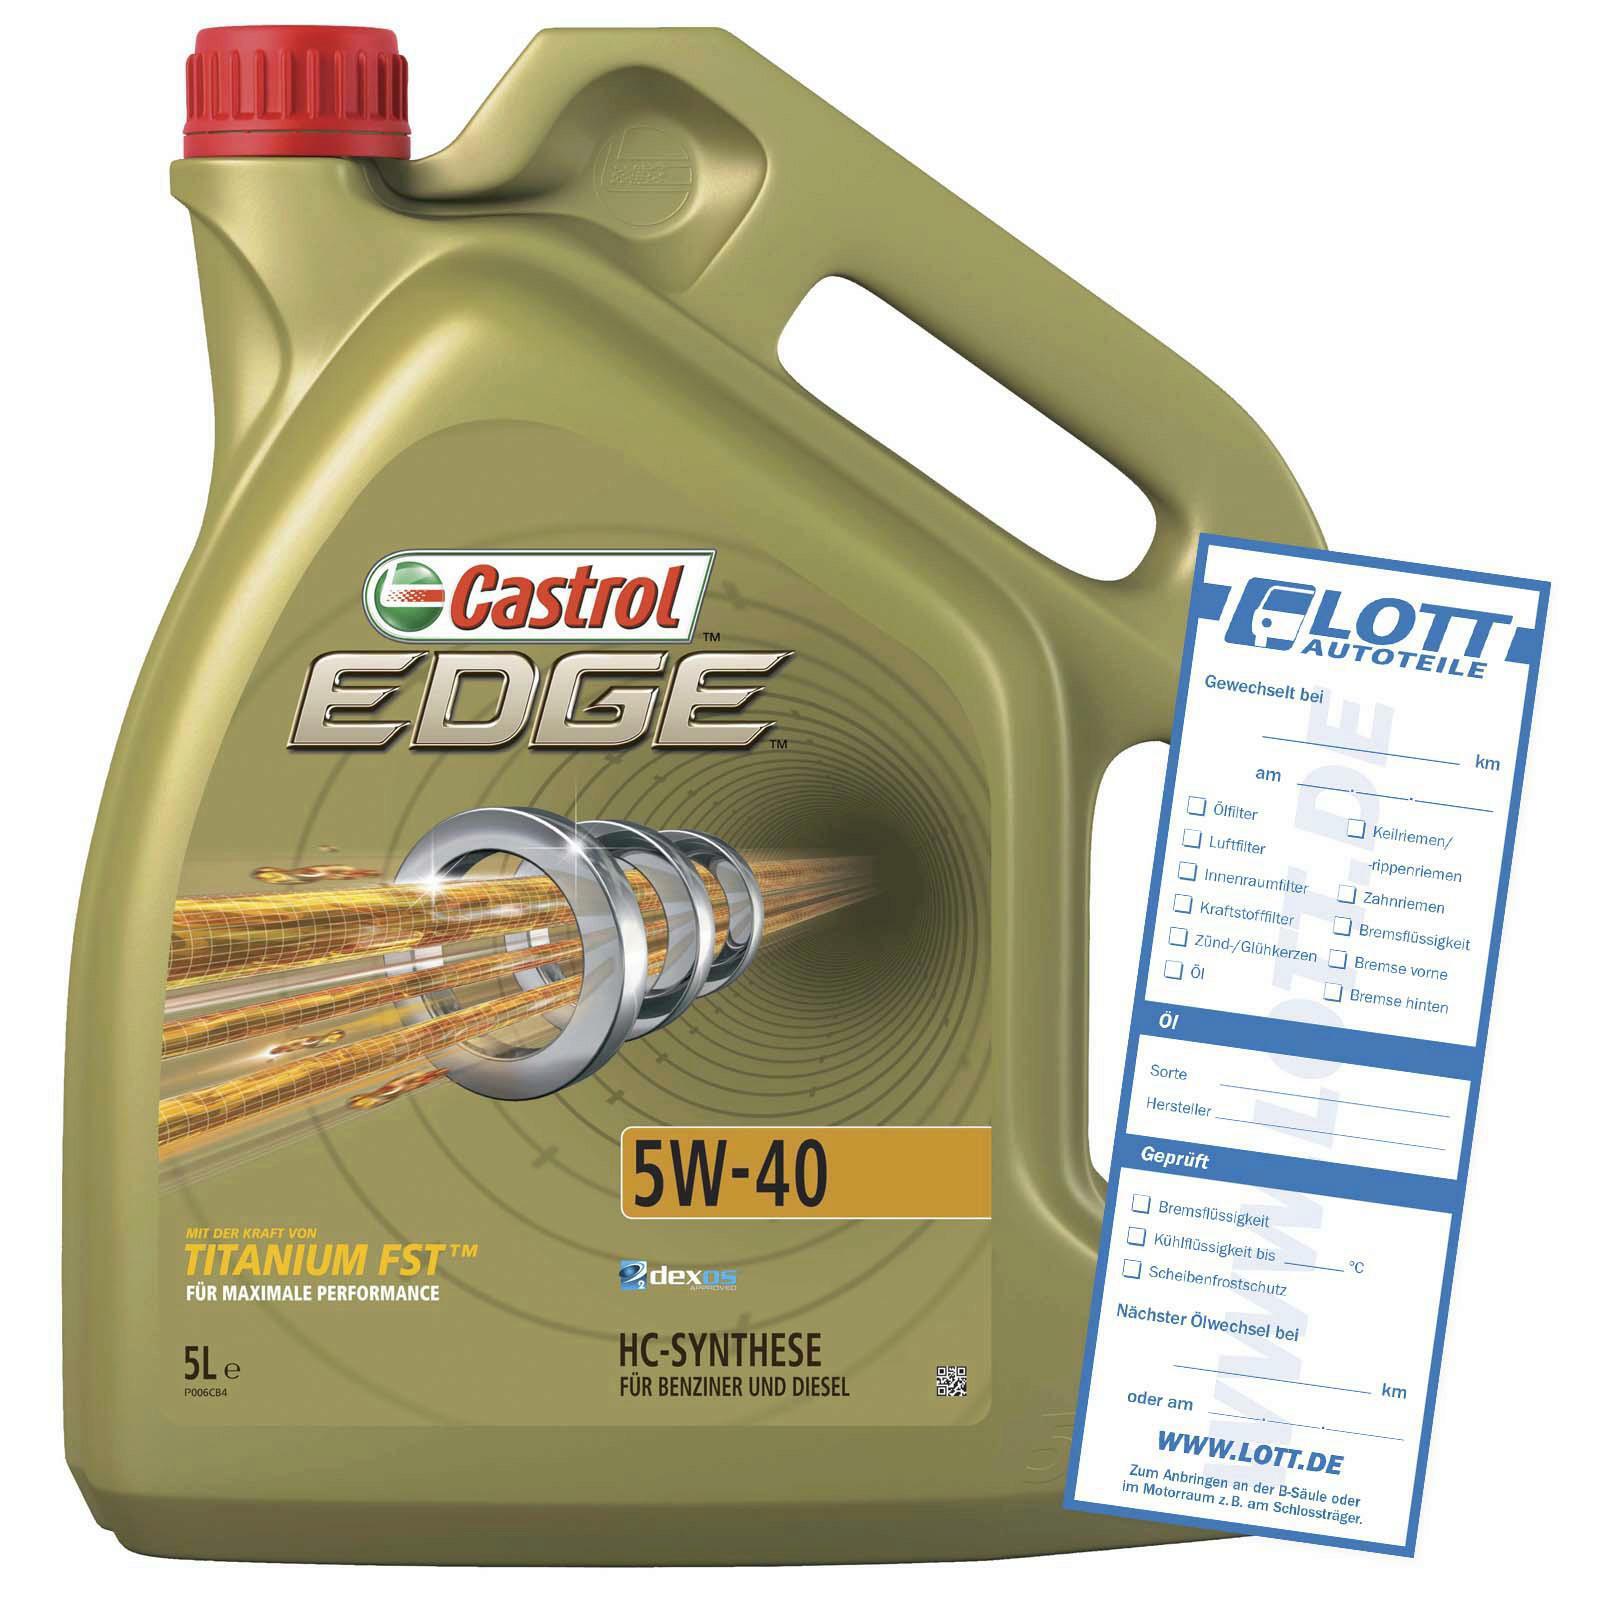 CASTROL Motoröl EDGE Titanium FST 5W-40 5L